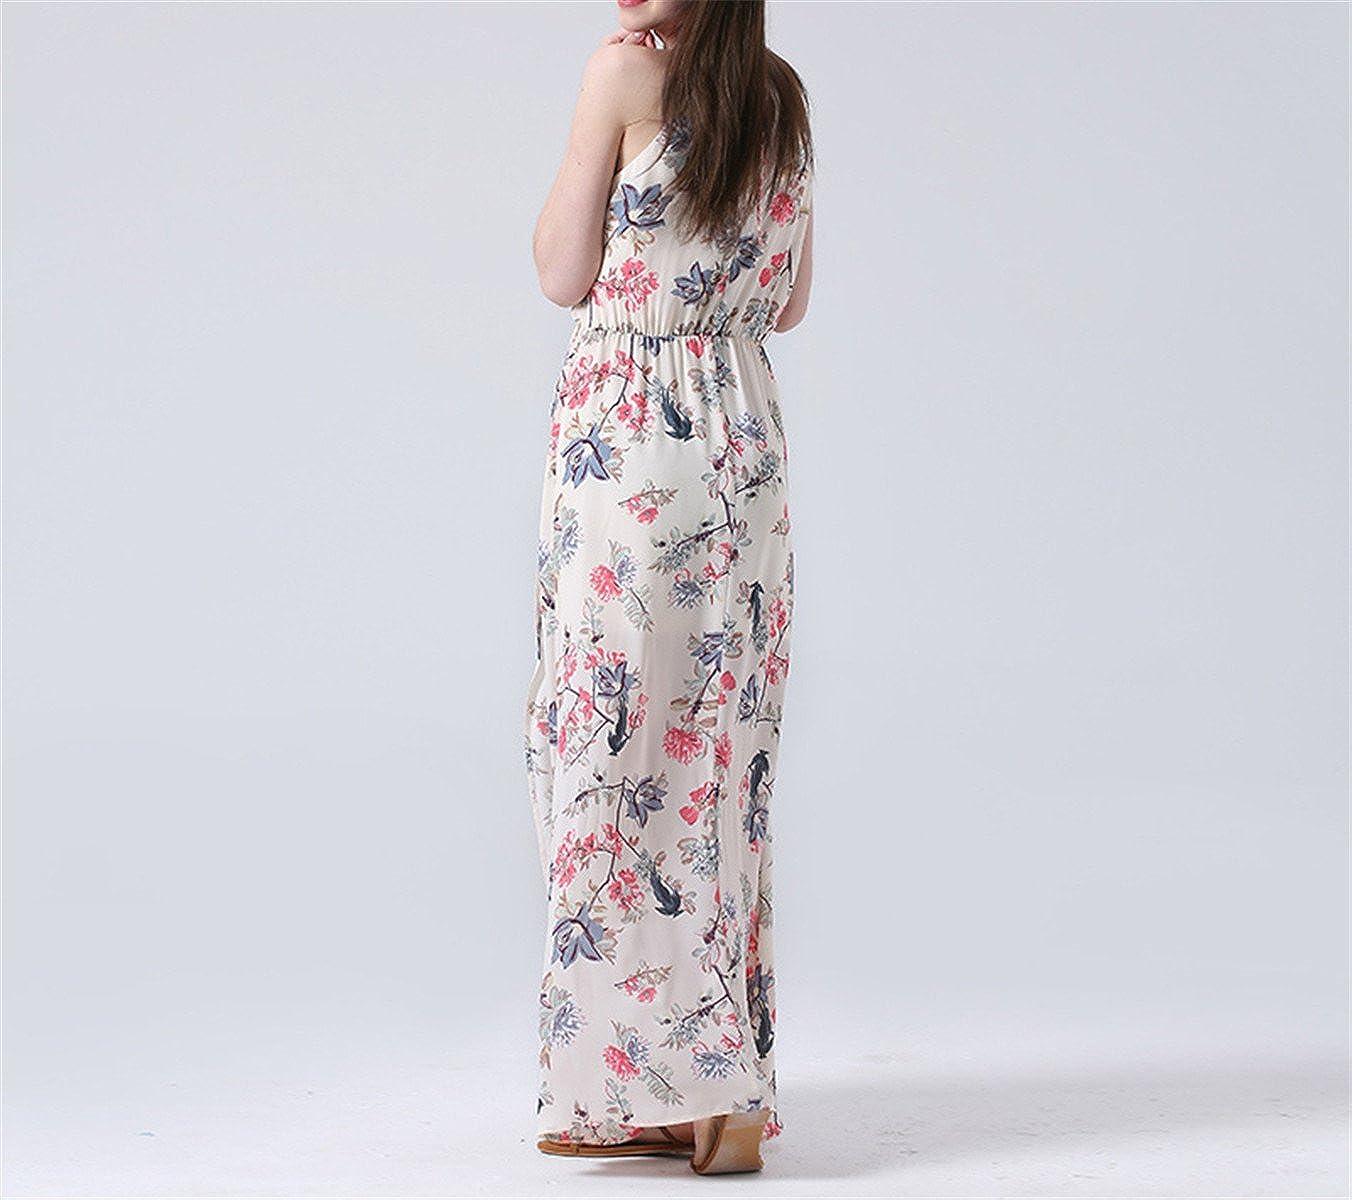 Amazon.com: Snmk gola estampa floral verão maxi praia vestidos de festa sexy clube vestido de verão importados-china verão NEW chiffon das mulheres do sexo ...